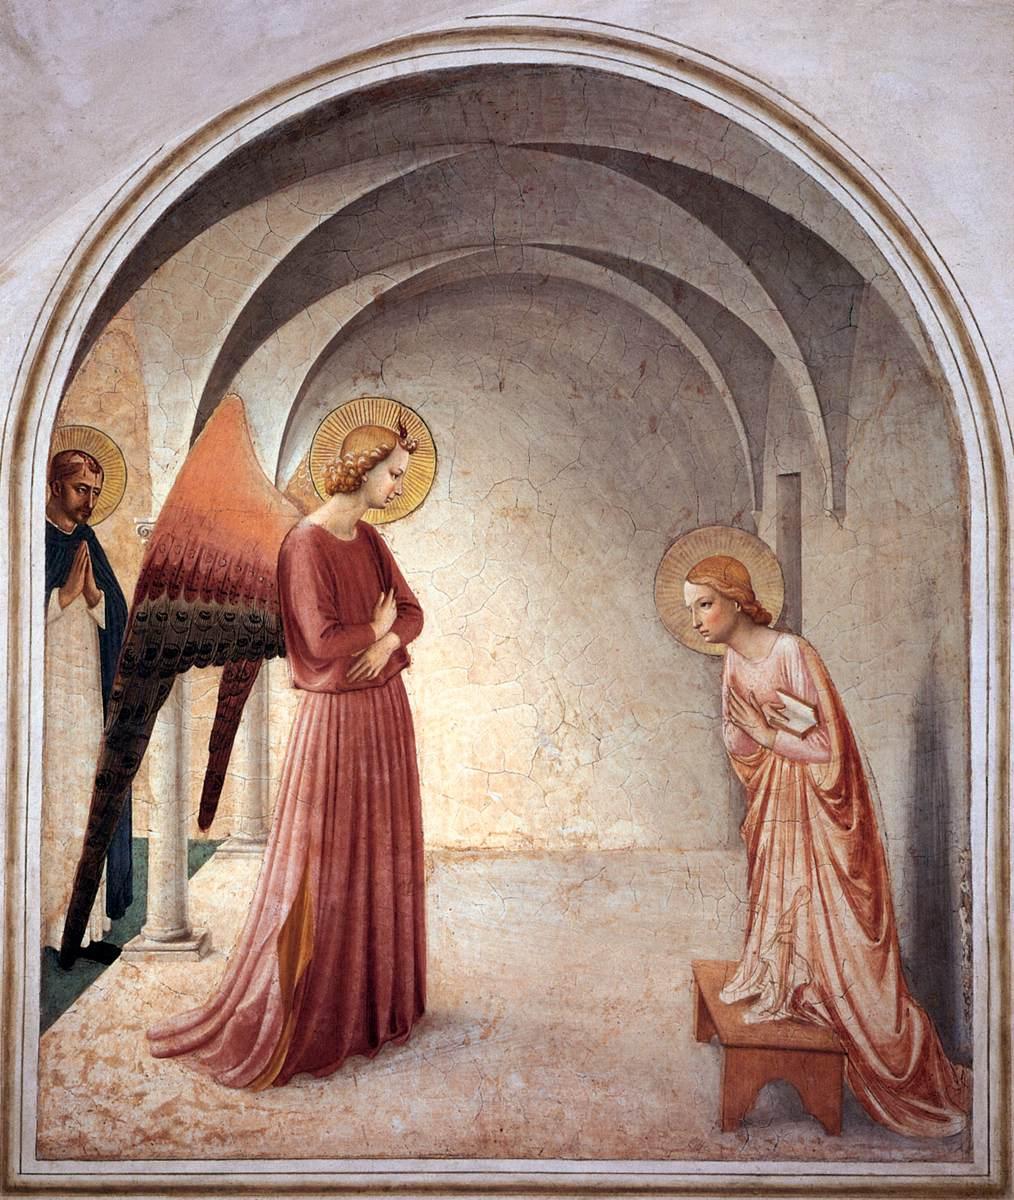 Beato Angelico, Annunciazione, 1438-40, Convento di San Marco, Firenze